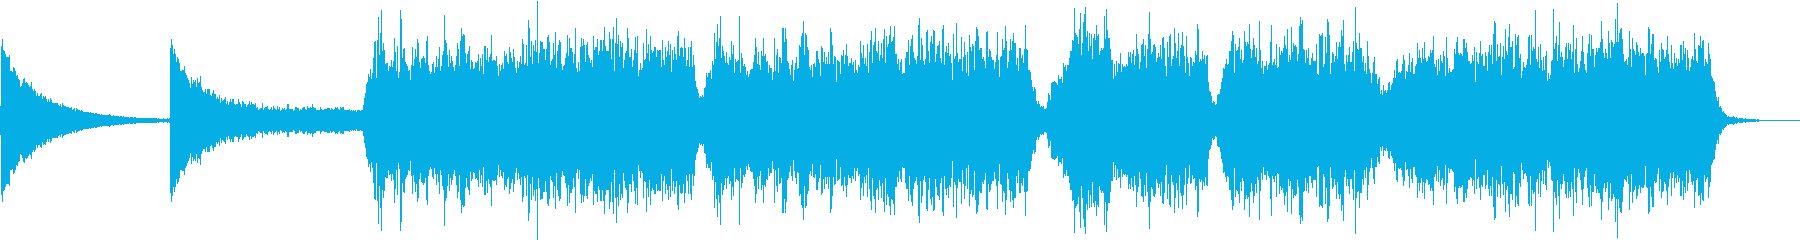 絶望的な合唱の再生済みの波形